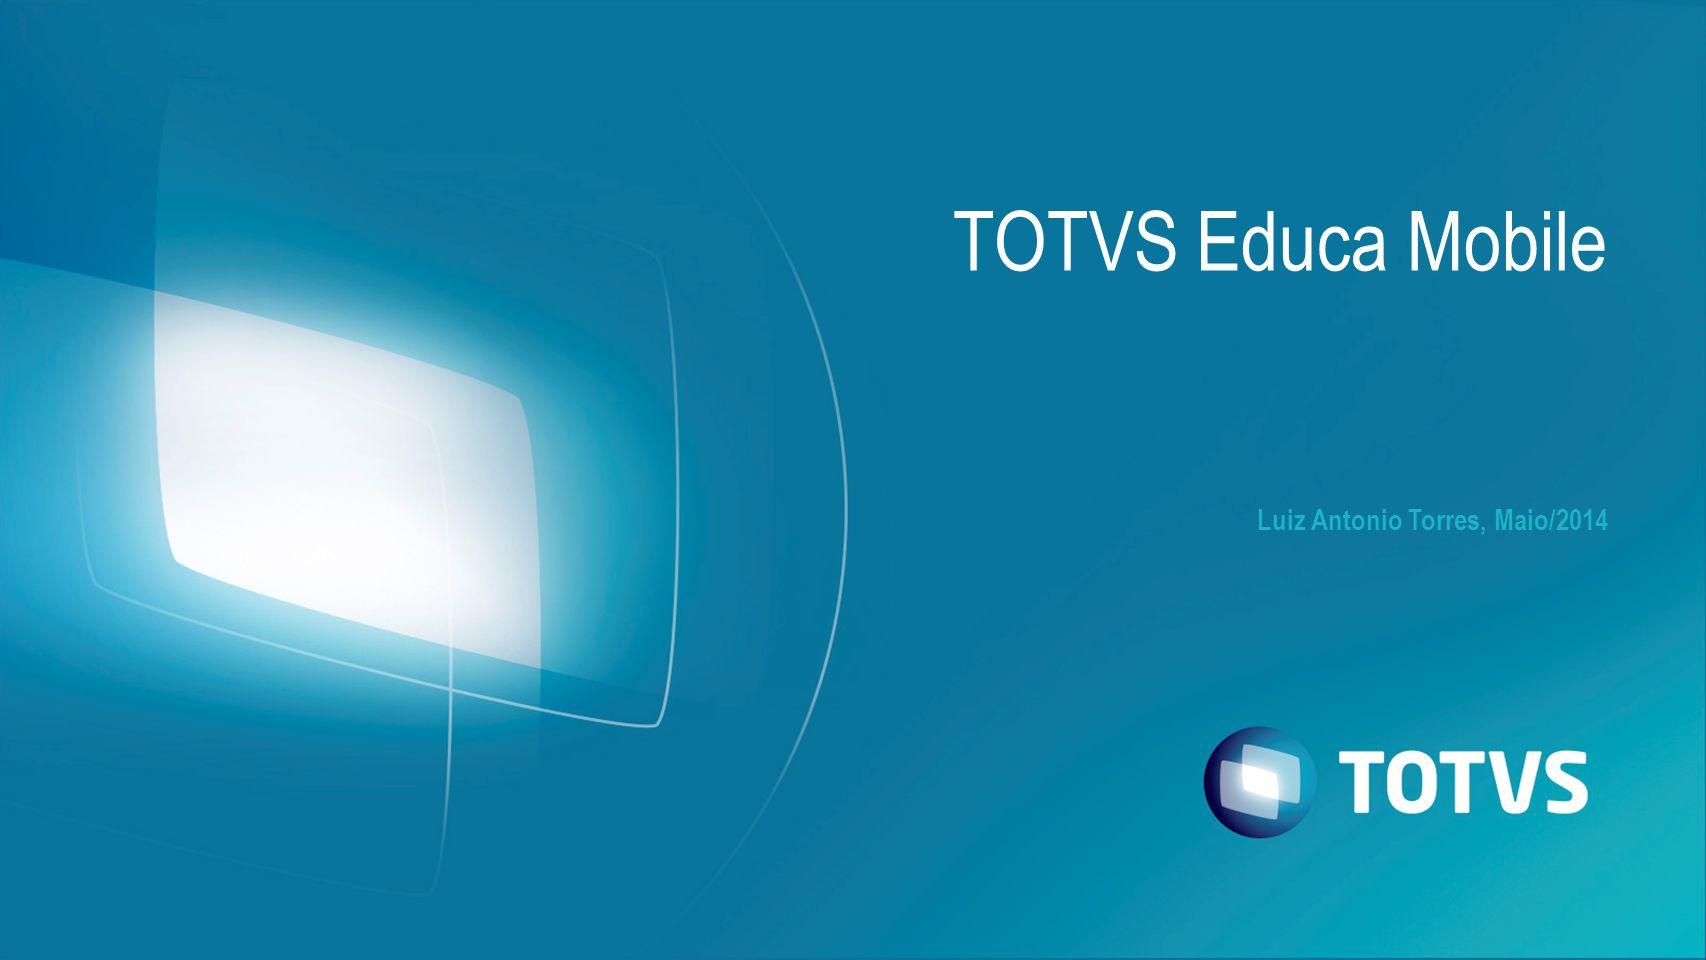 Luiz Antonio Torres, Maio/2014 TOTVS Educa Mobile